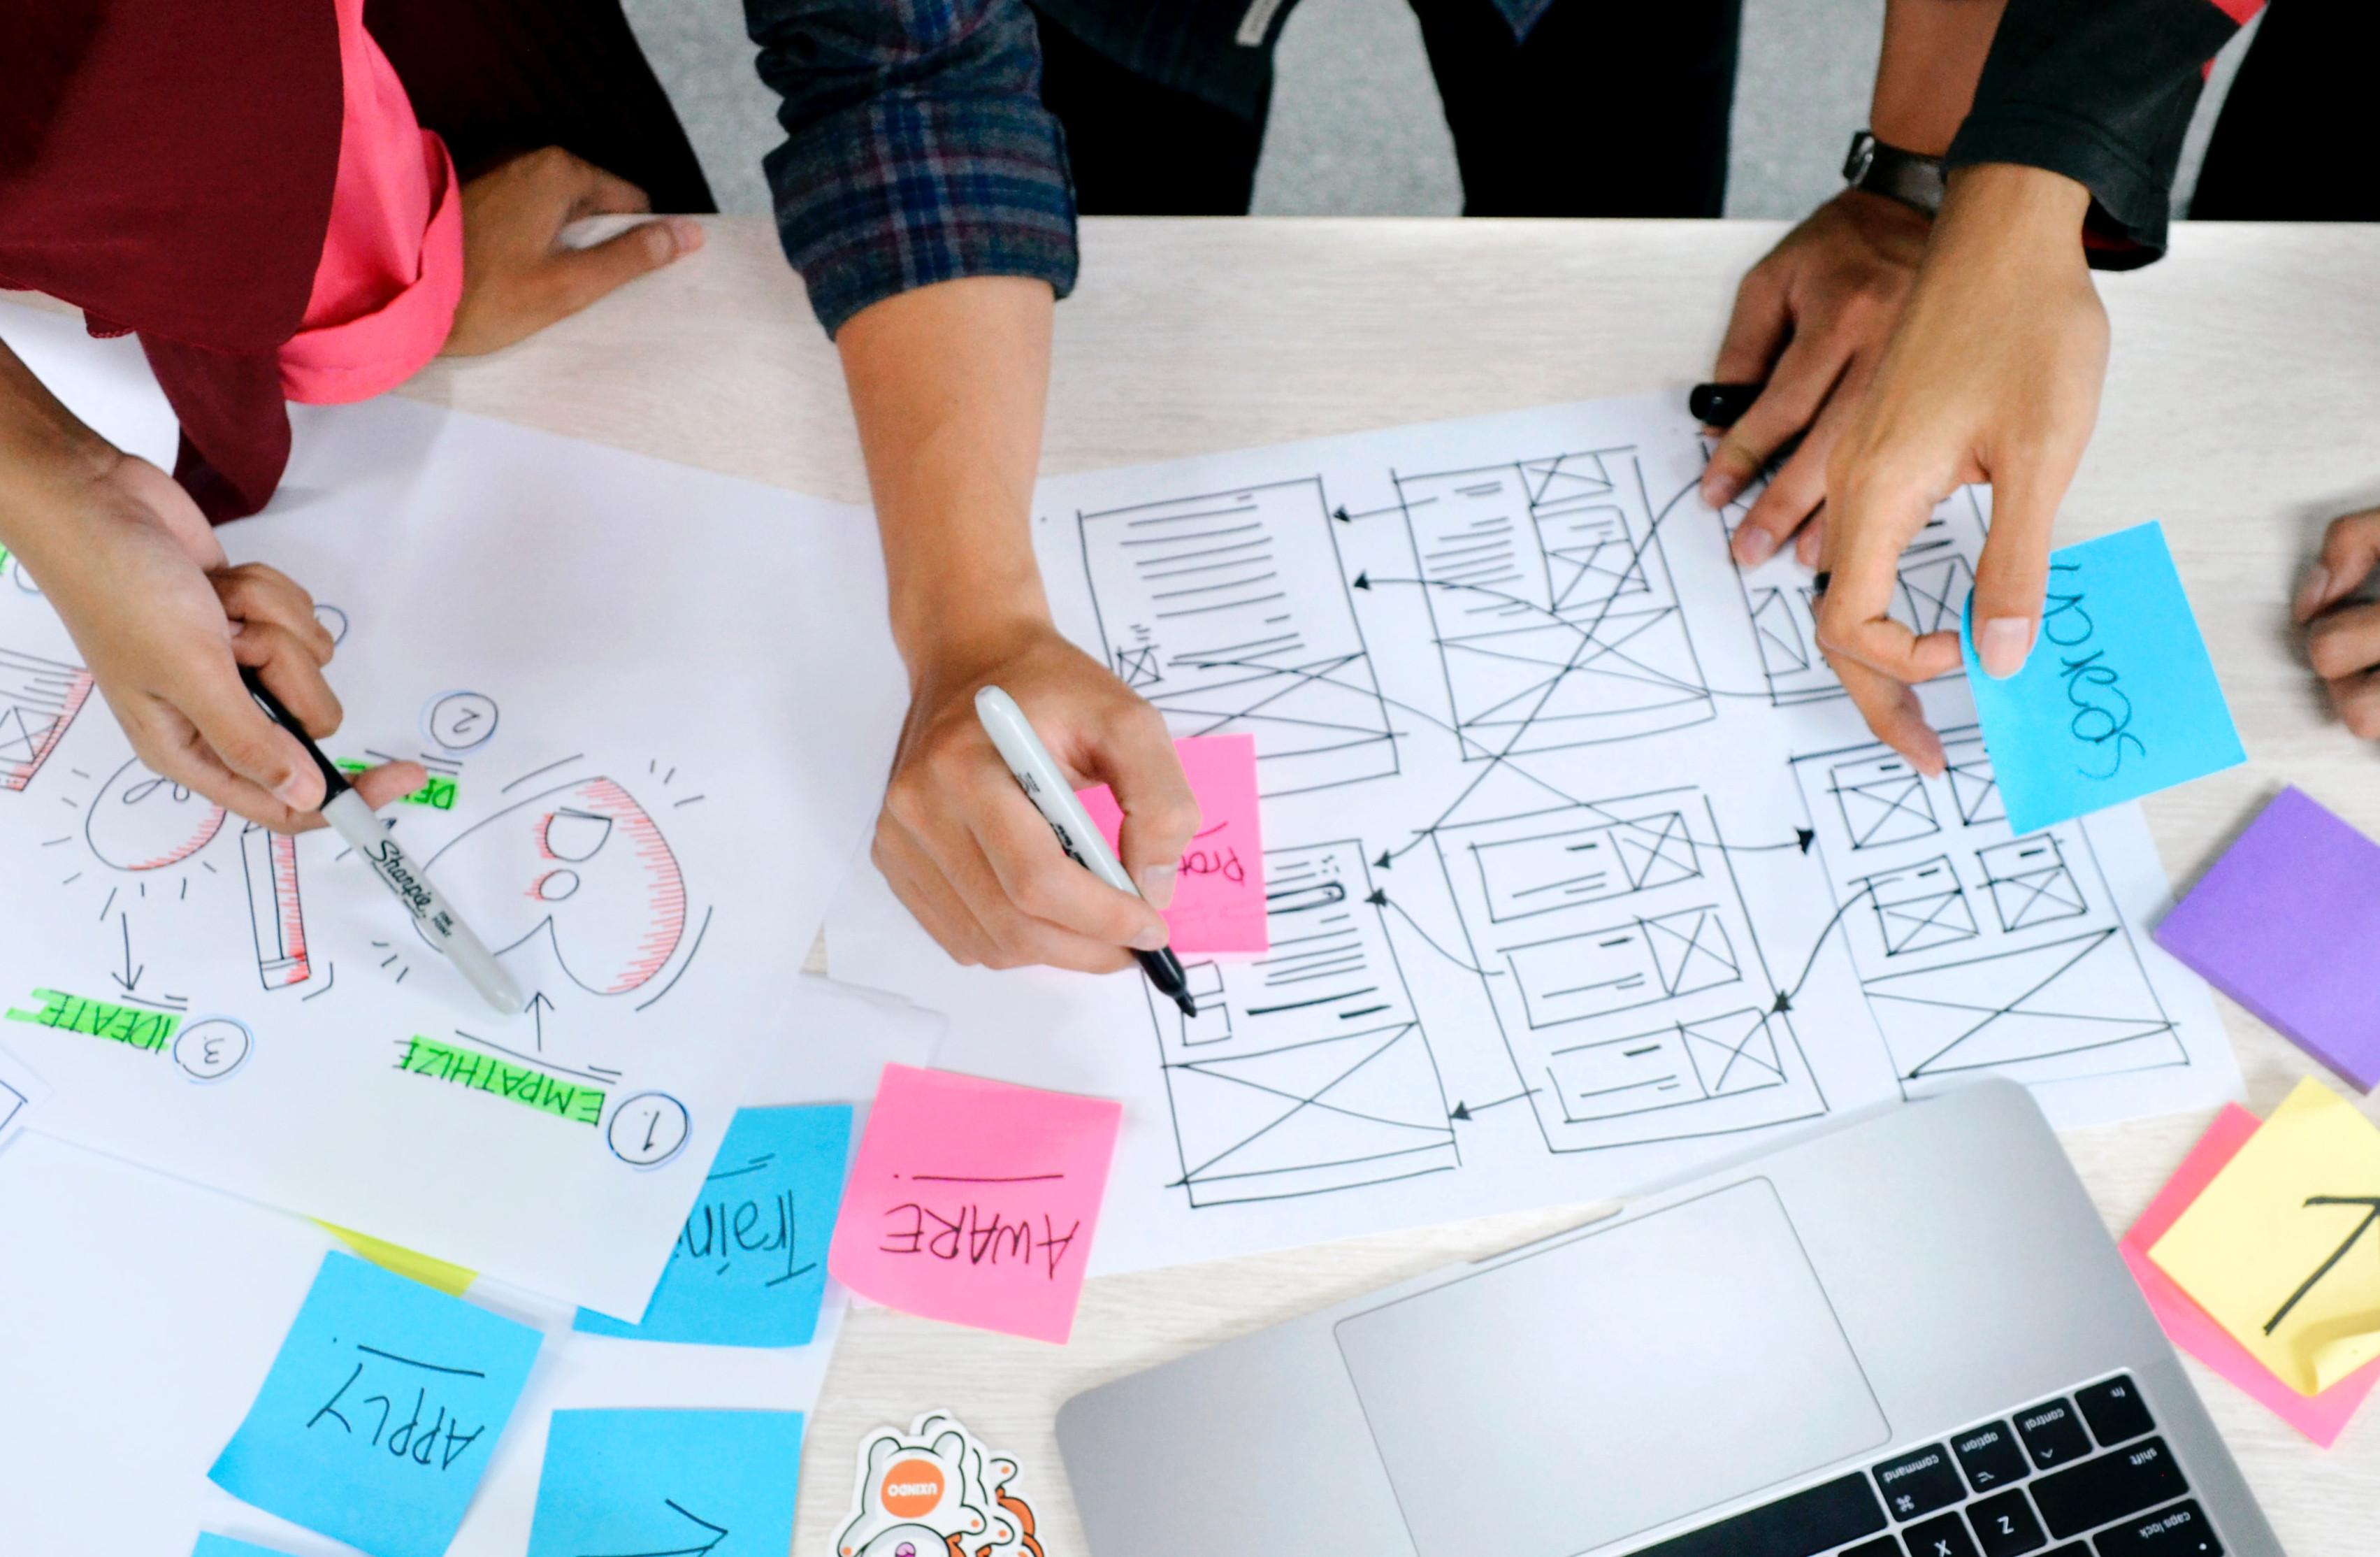 Symbolbild für eine fachliche Diskussion. Tisch mit Papier und Postits. Hände halten Stifte darüber.